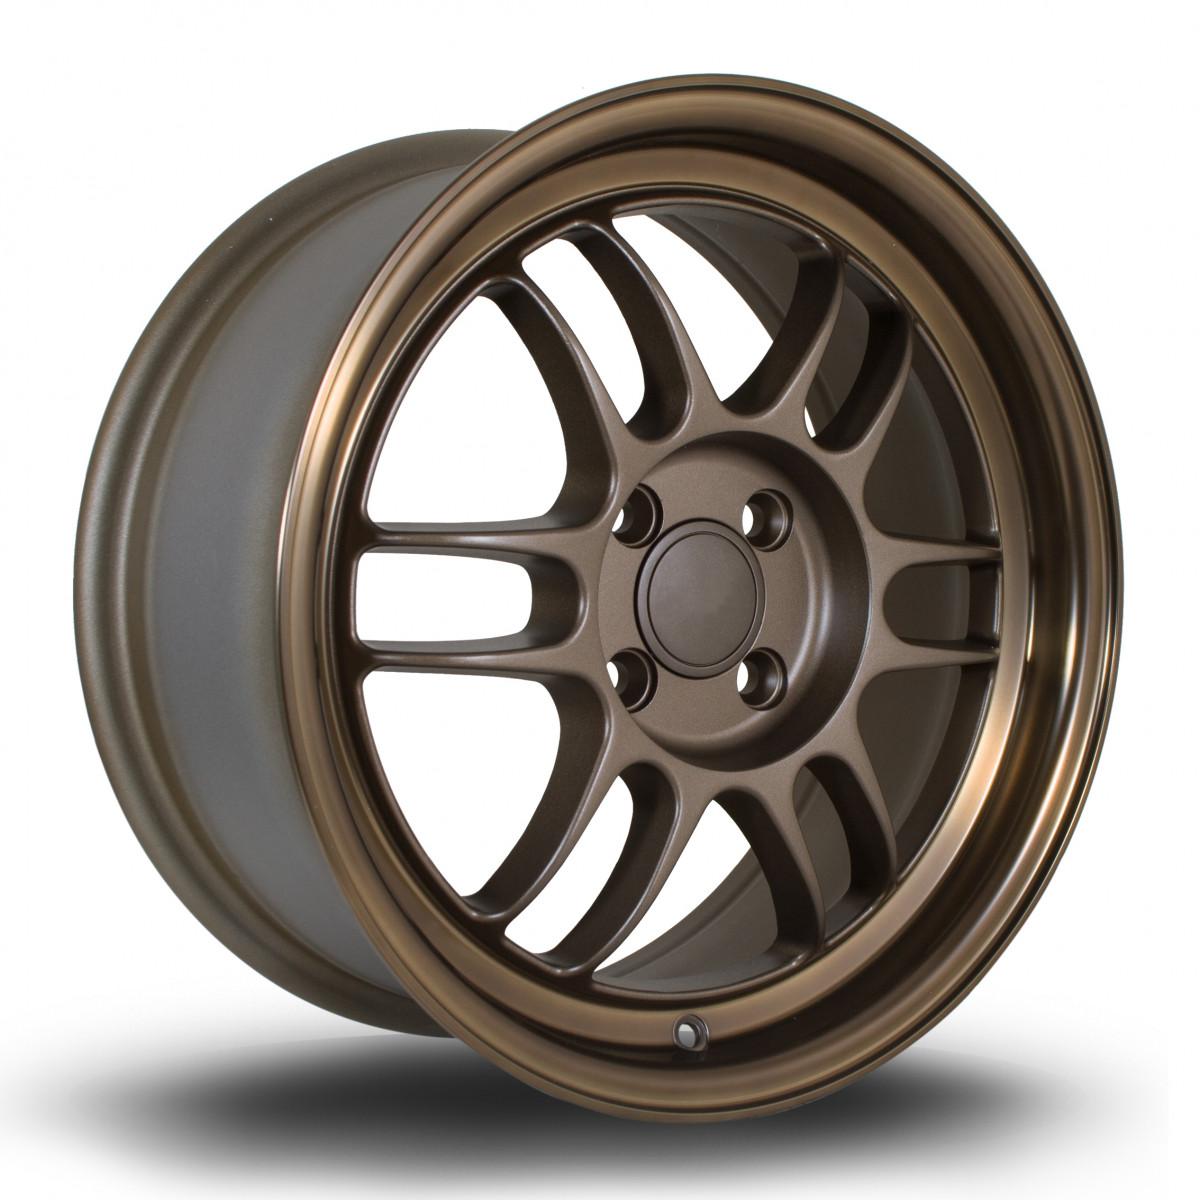 TFS301 16x7 4x100 ET40 Speed Bronze